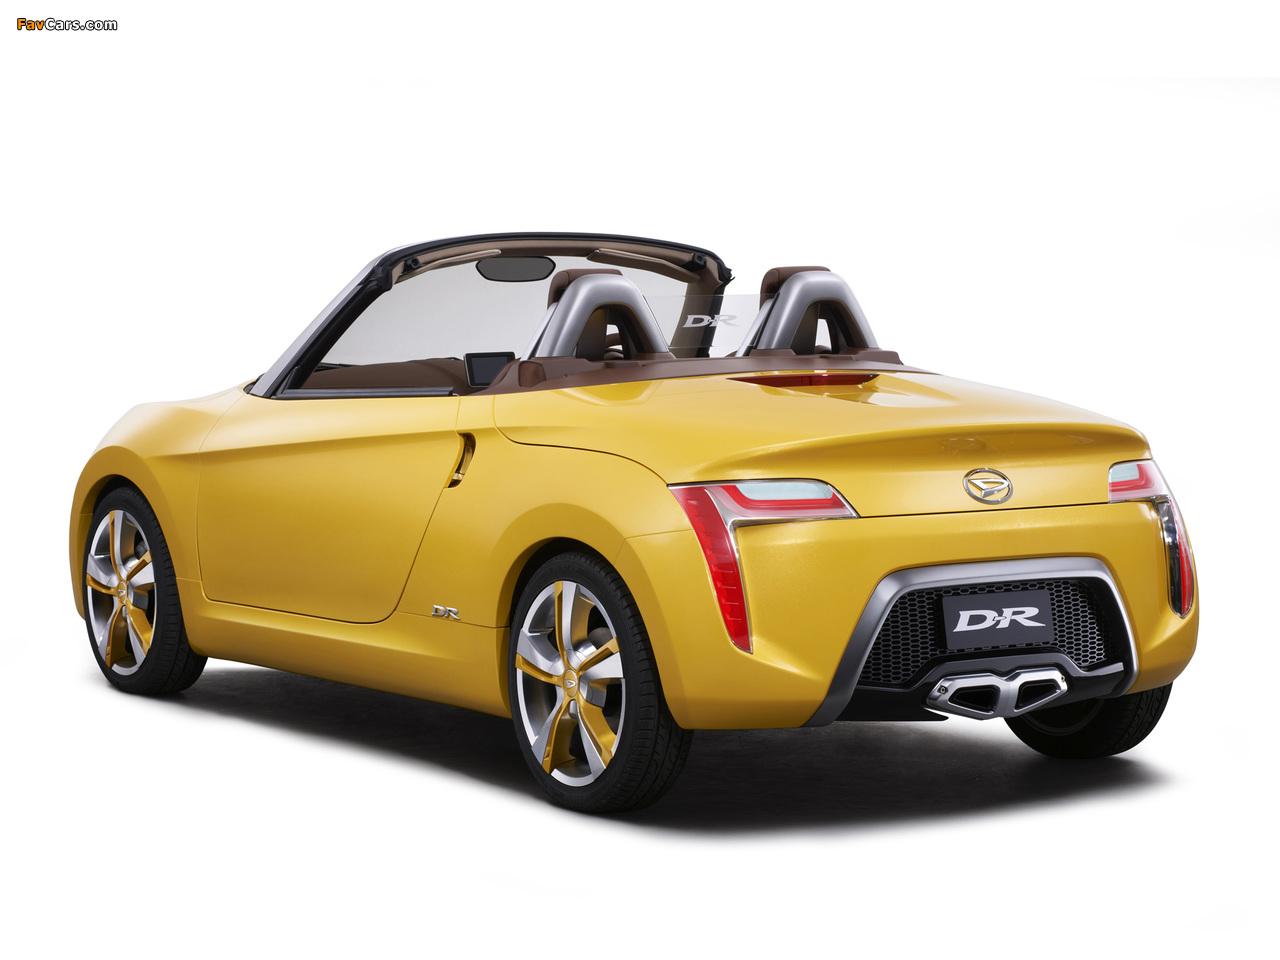 Daihatsu D-R Concept 2012 photos (1280 x 960)